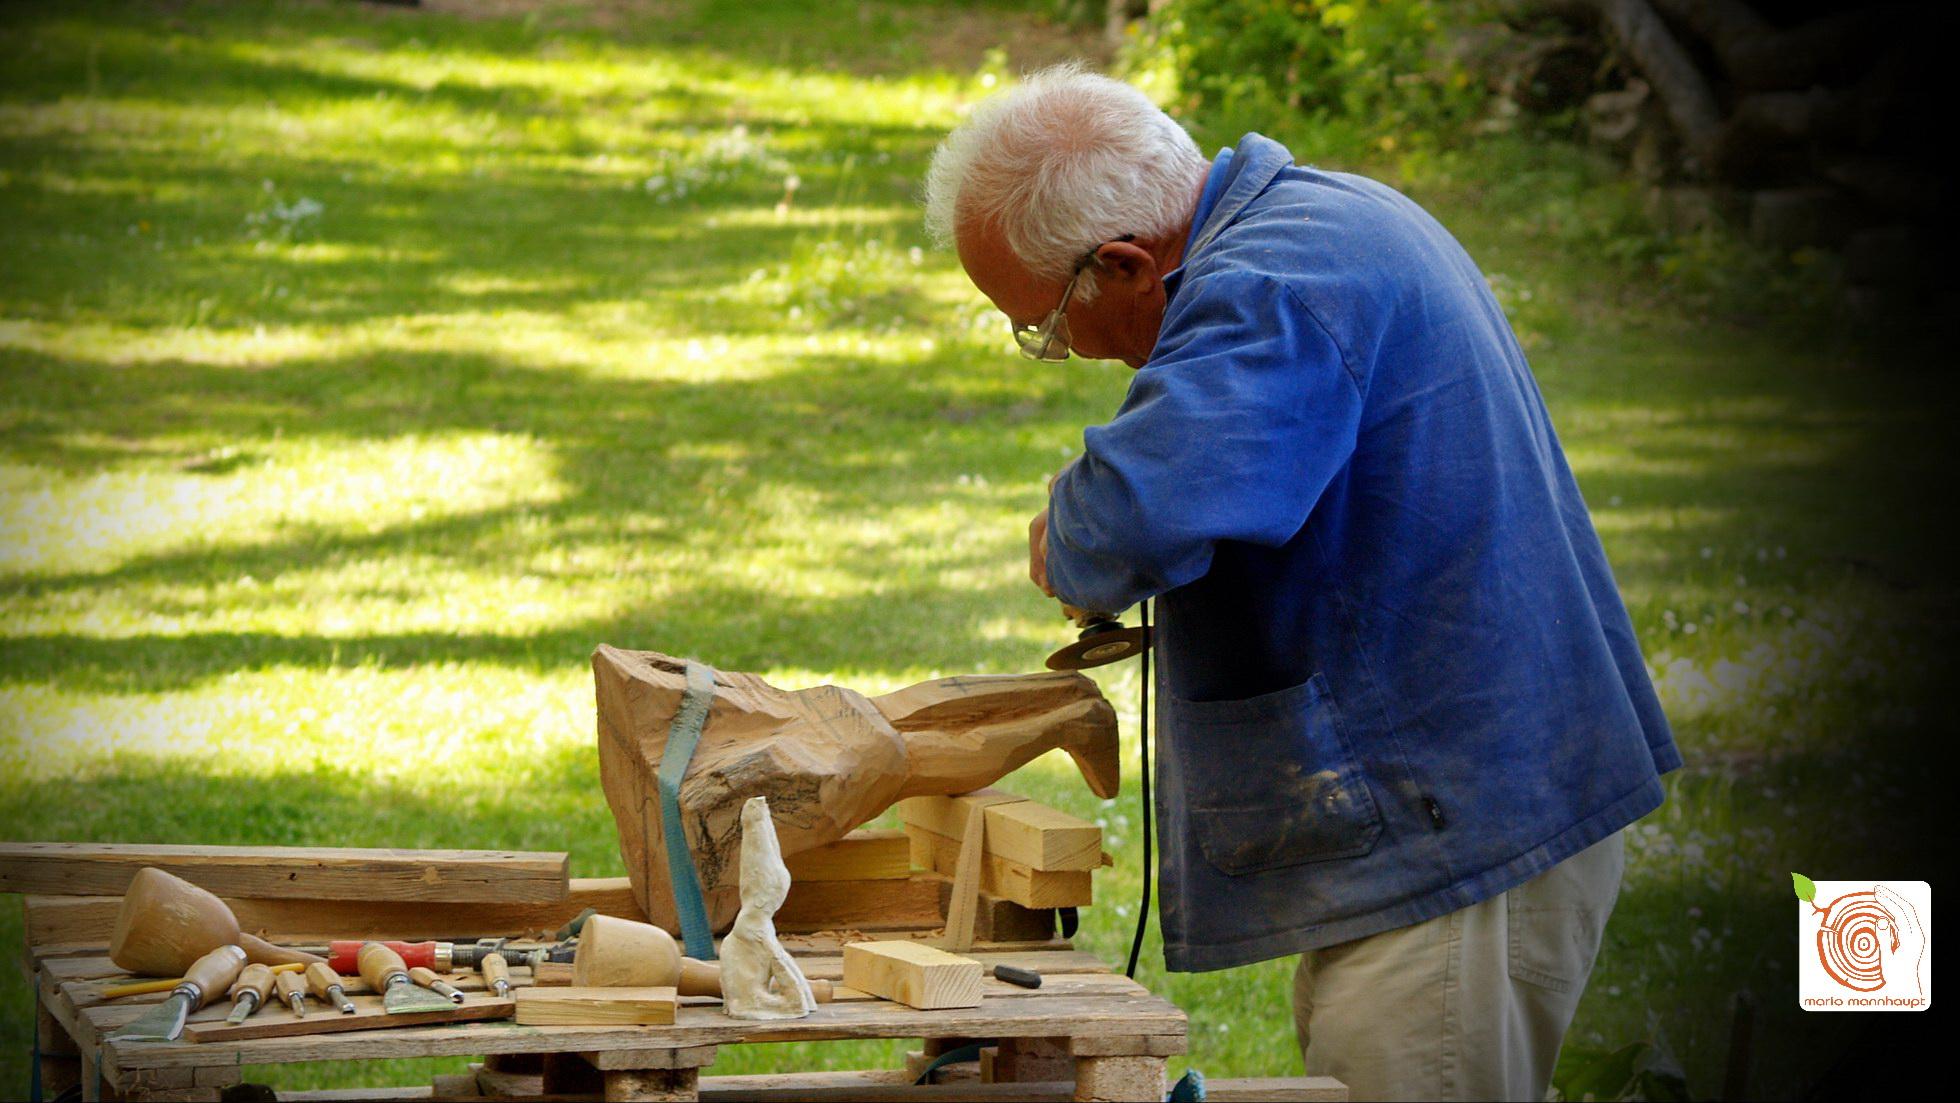 Holz Seminar in den Sommerferien